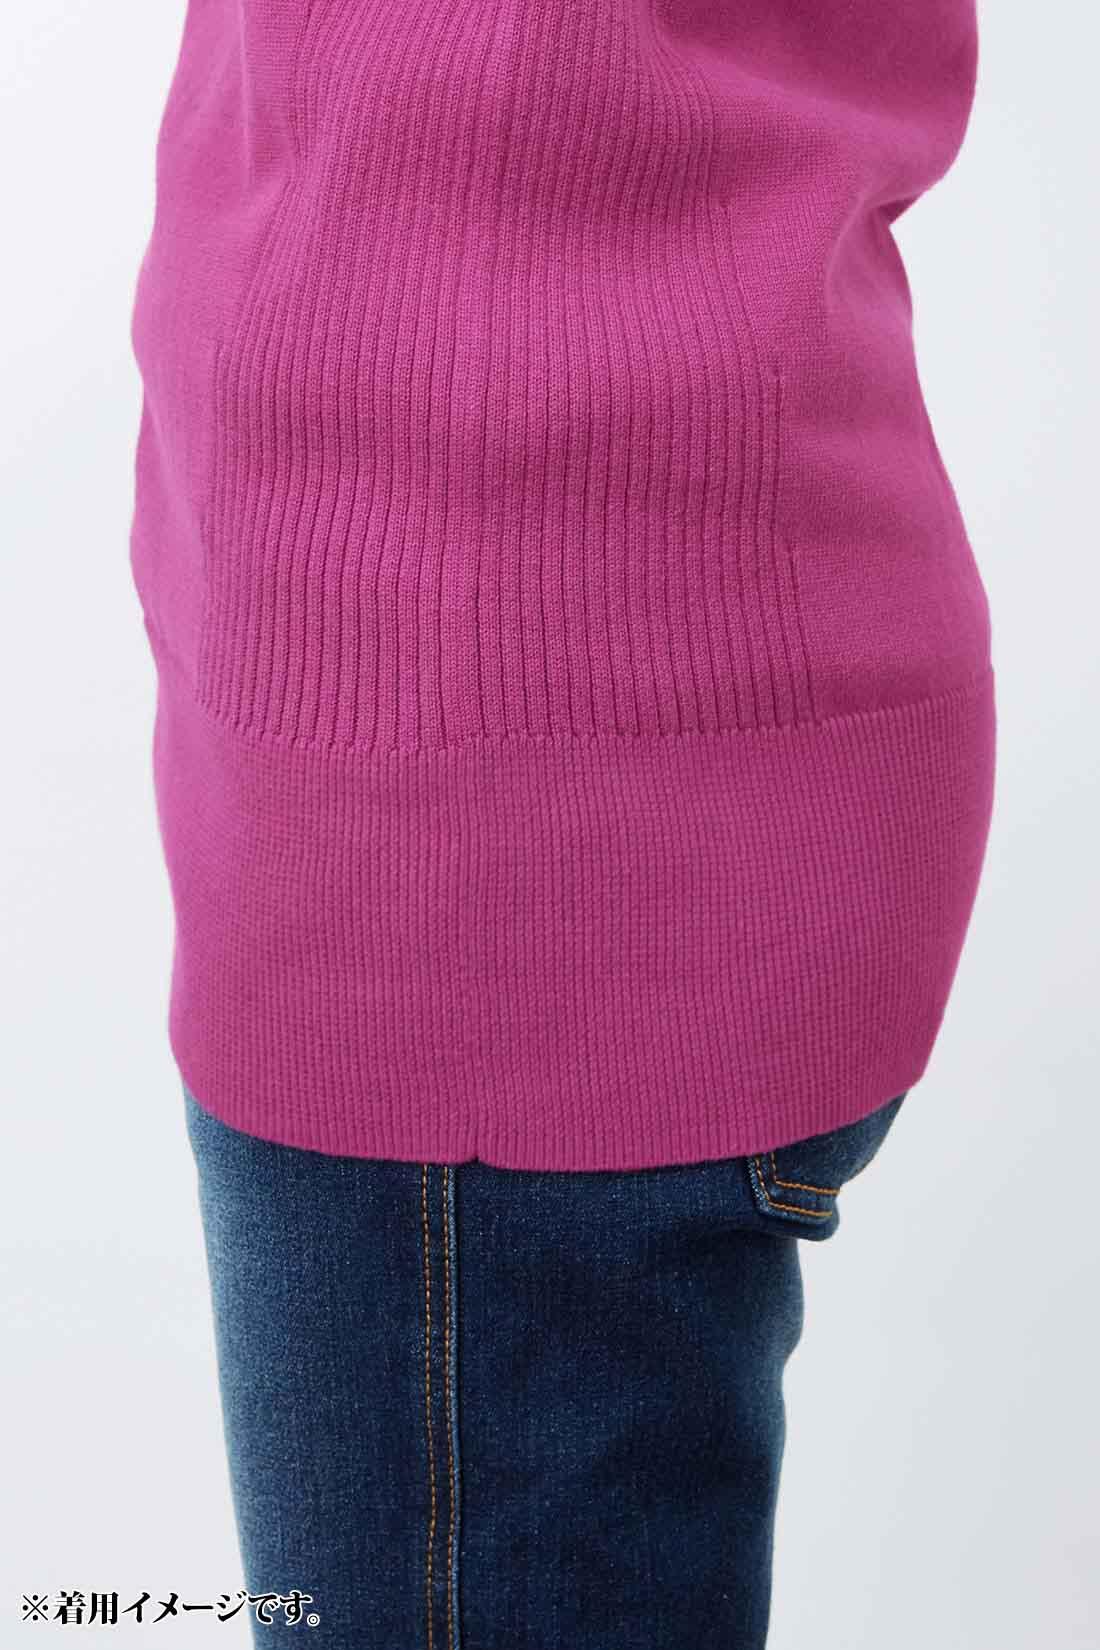 着丈はヒップまで包み込む長めの丈感でスマート効果も。 ※お届けするカラーとは異なります。